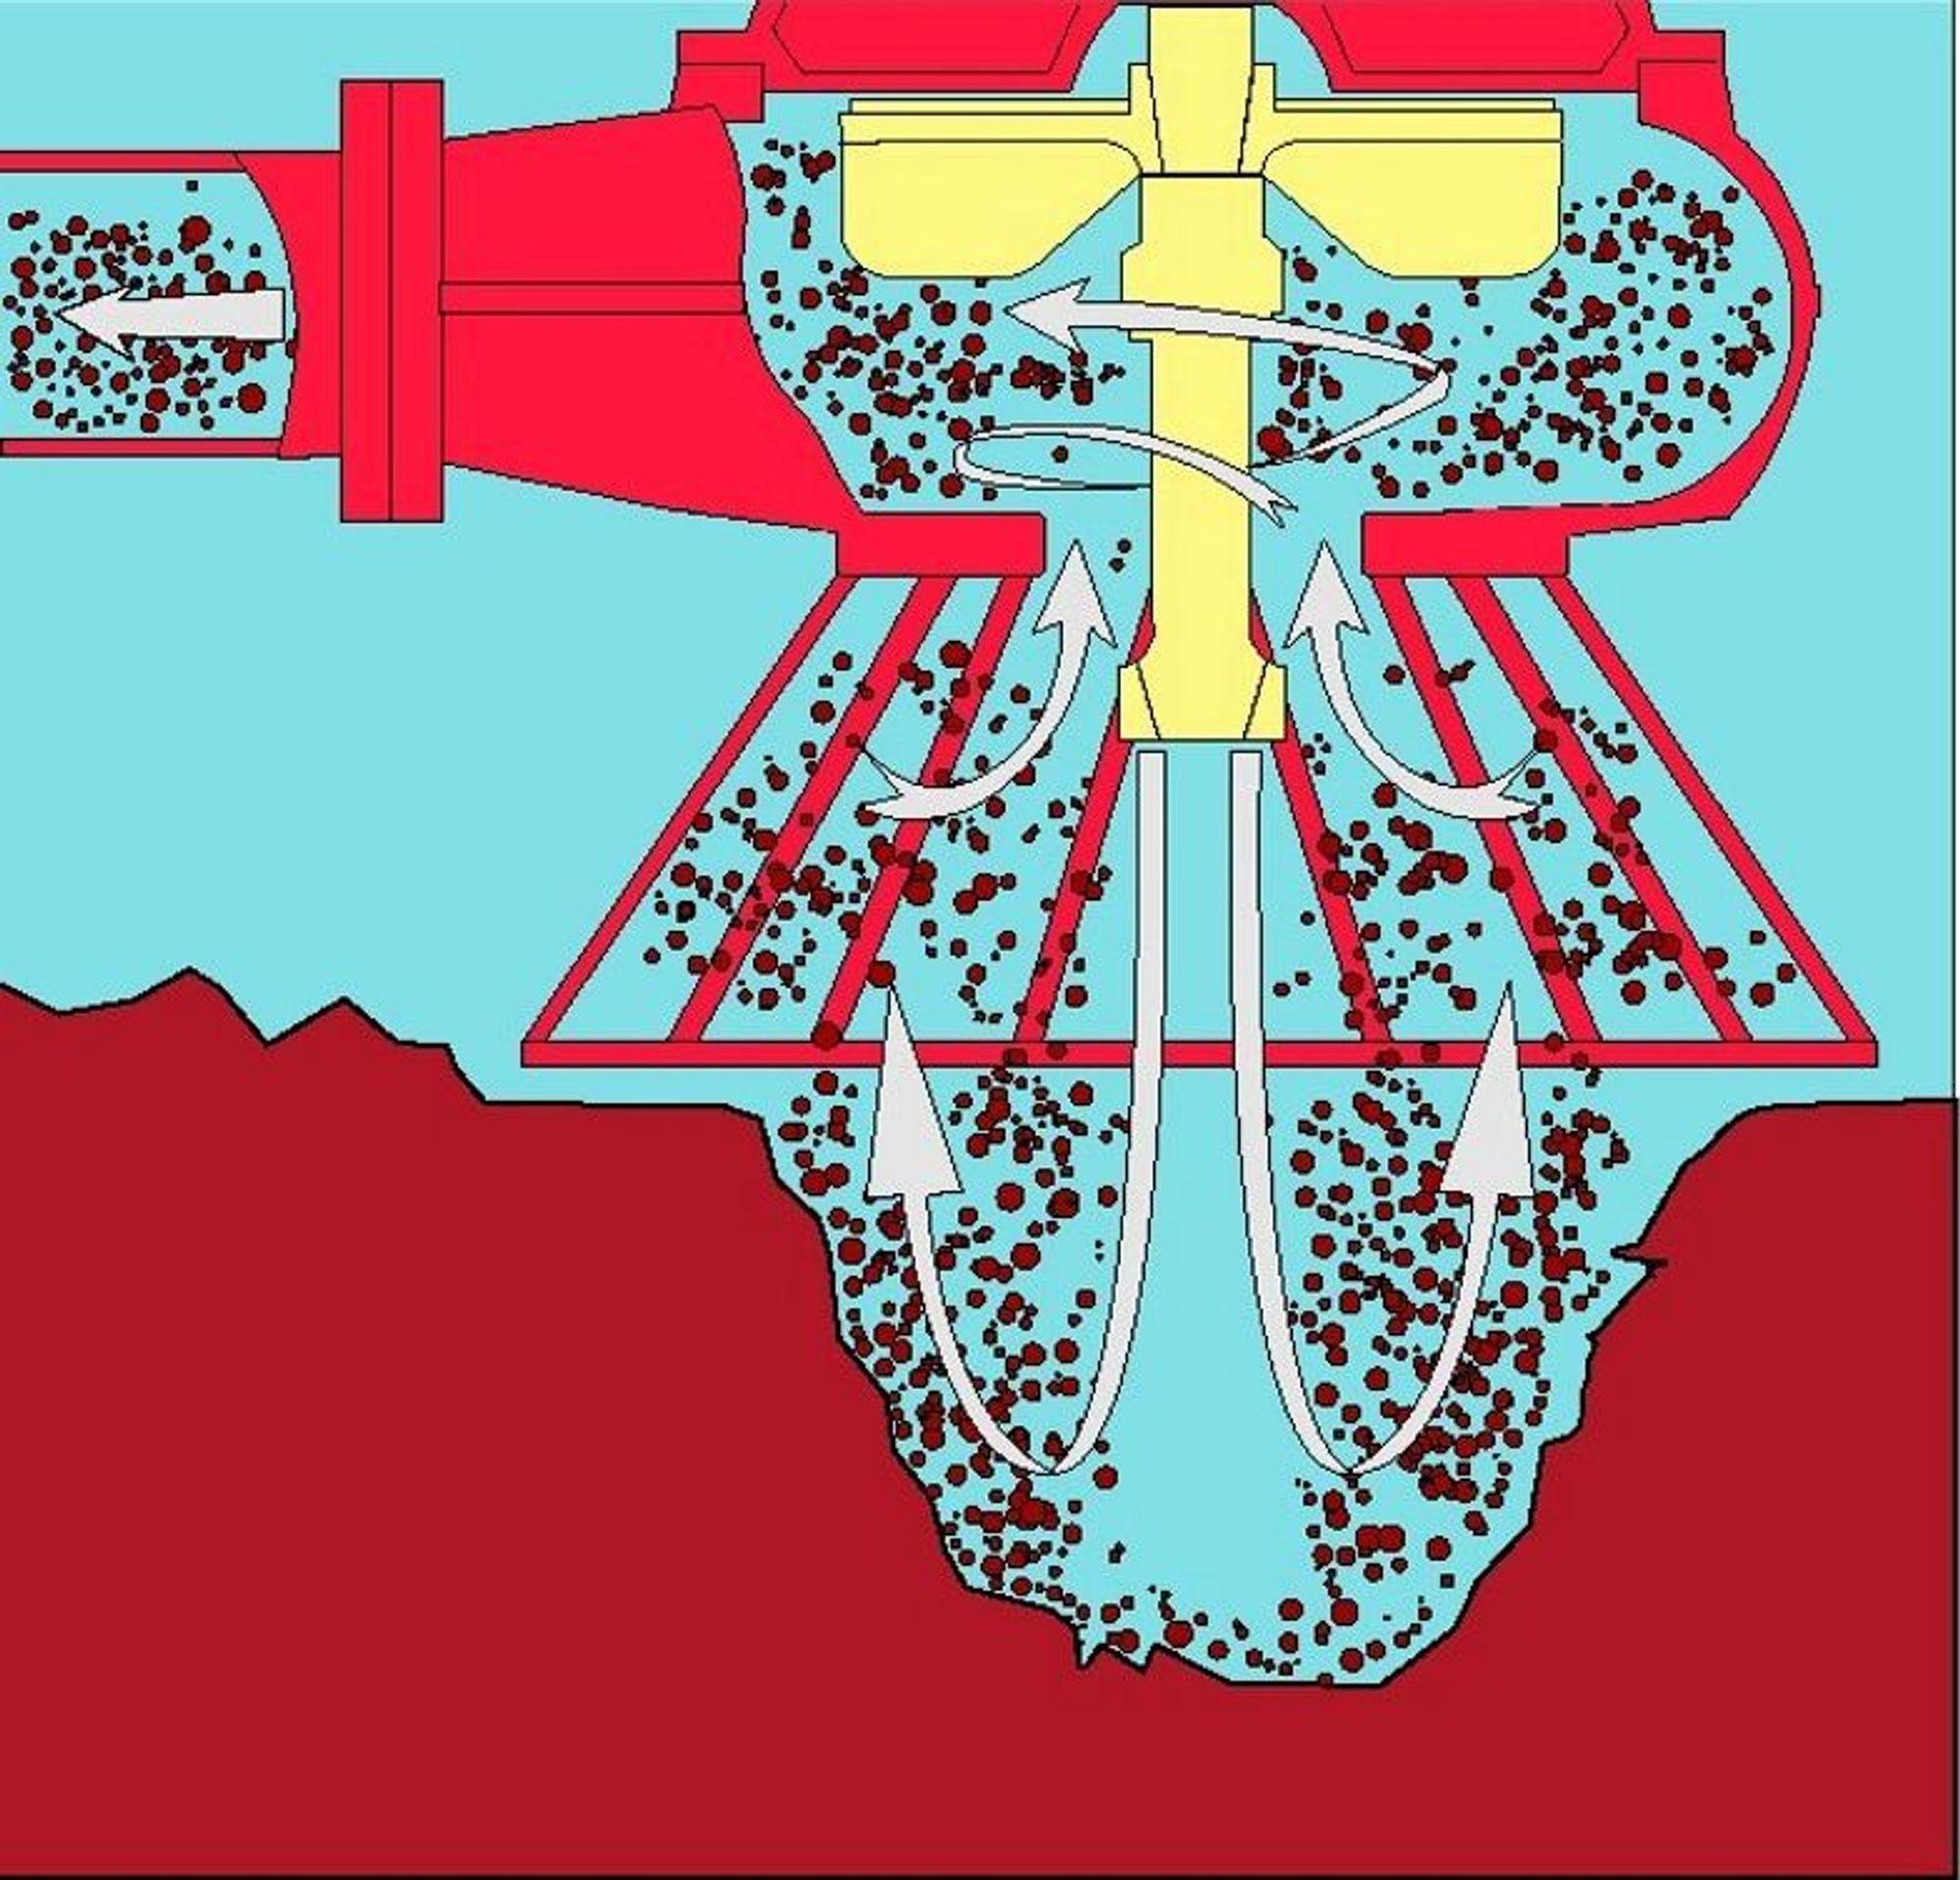 RIVFAST: De nye Grindex-pumpene er bygget opp med et knallhardt slitesjikt på alle mediebrørte deler. Pumpen klarer derfor å stå nede i gruver o.l. og pumpe opp sterkt sand- og grusholdig vann.